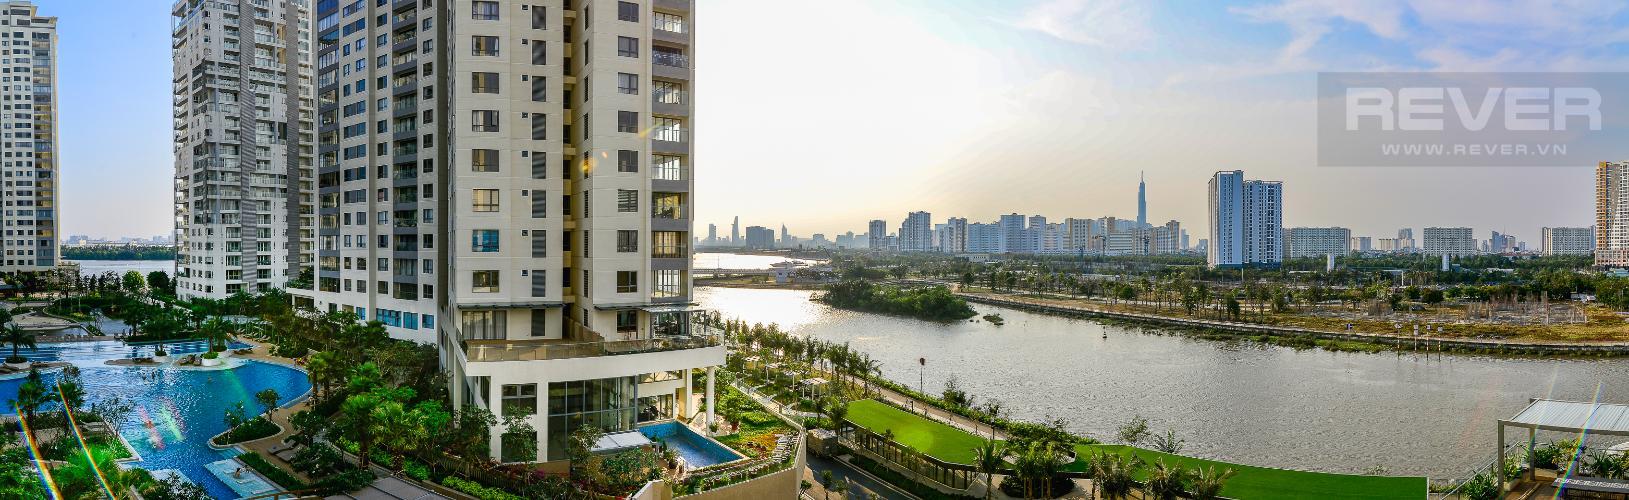 View Cho thuê căn hộ Diamond Island 94,2m2 2PN 2WC, đầy đủ nội thất, view sông